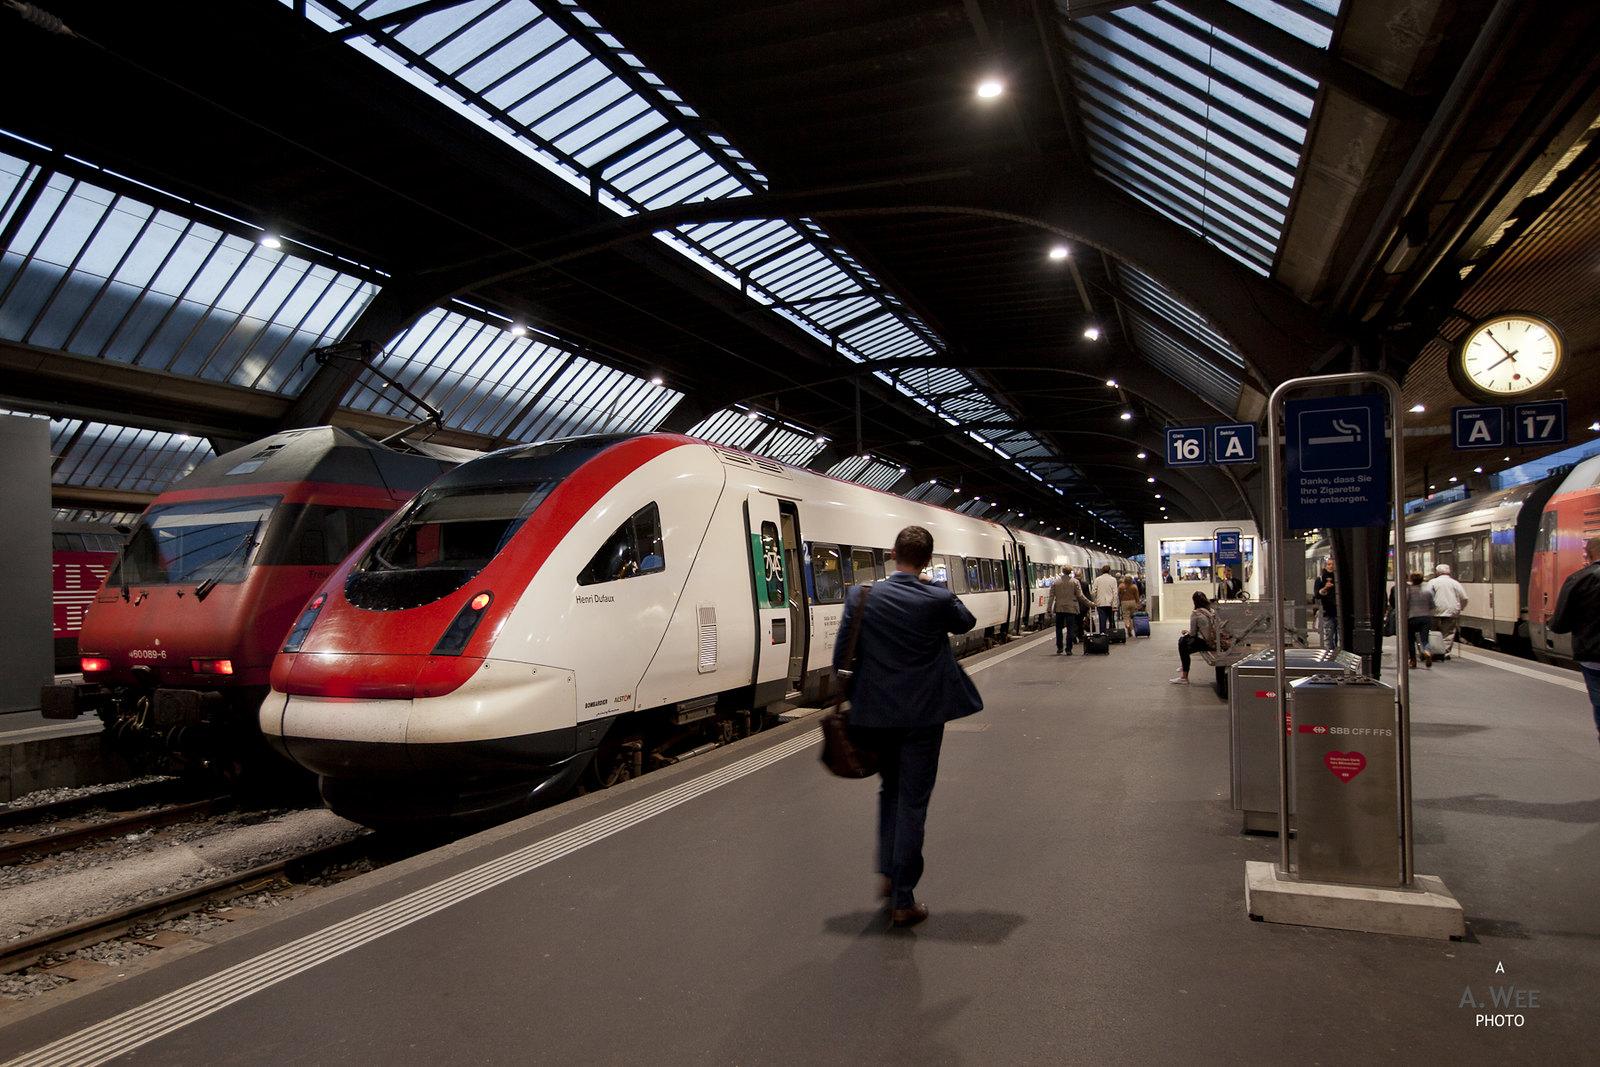 The Hauptbahnhof